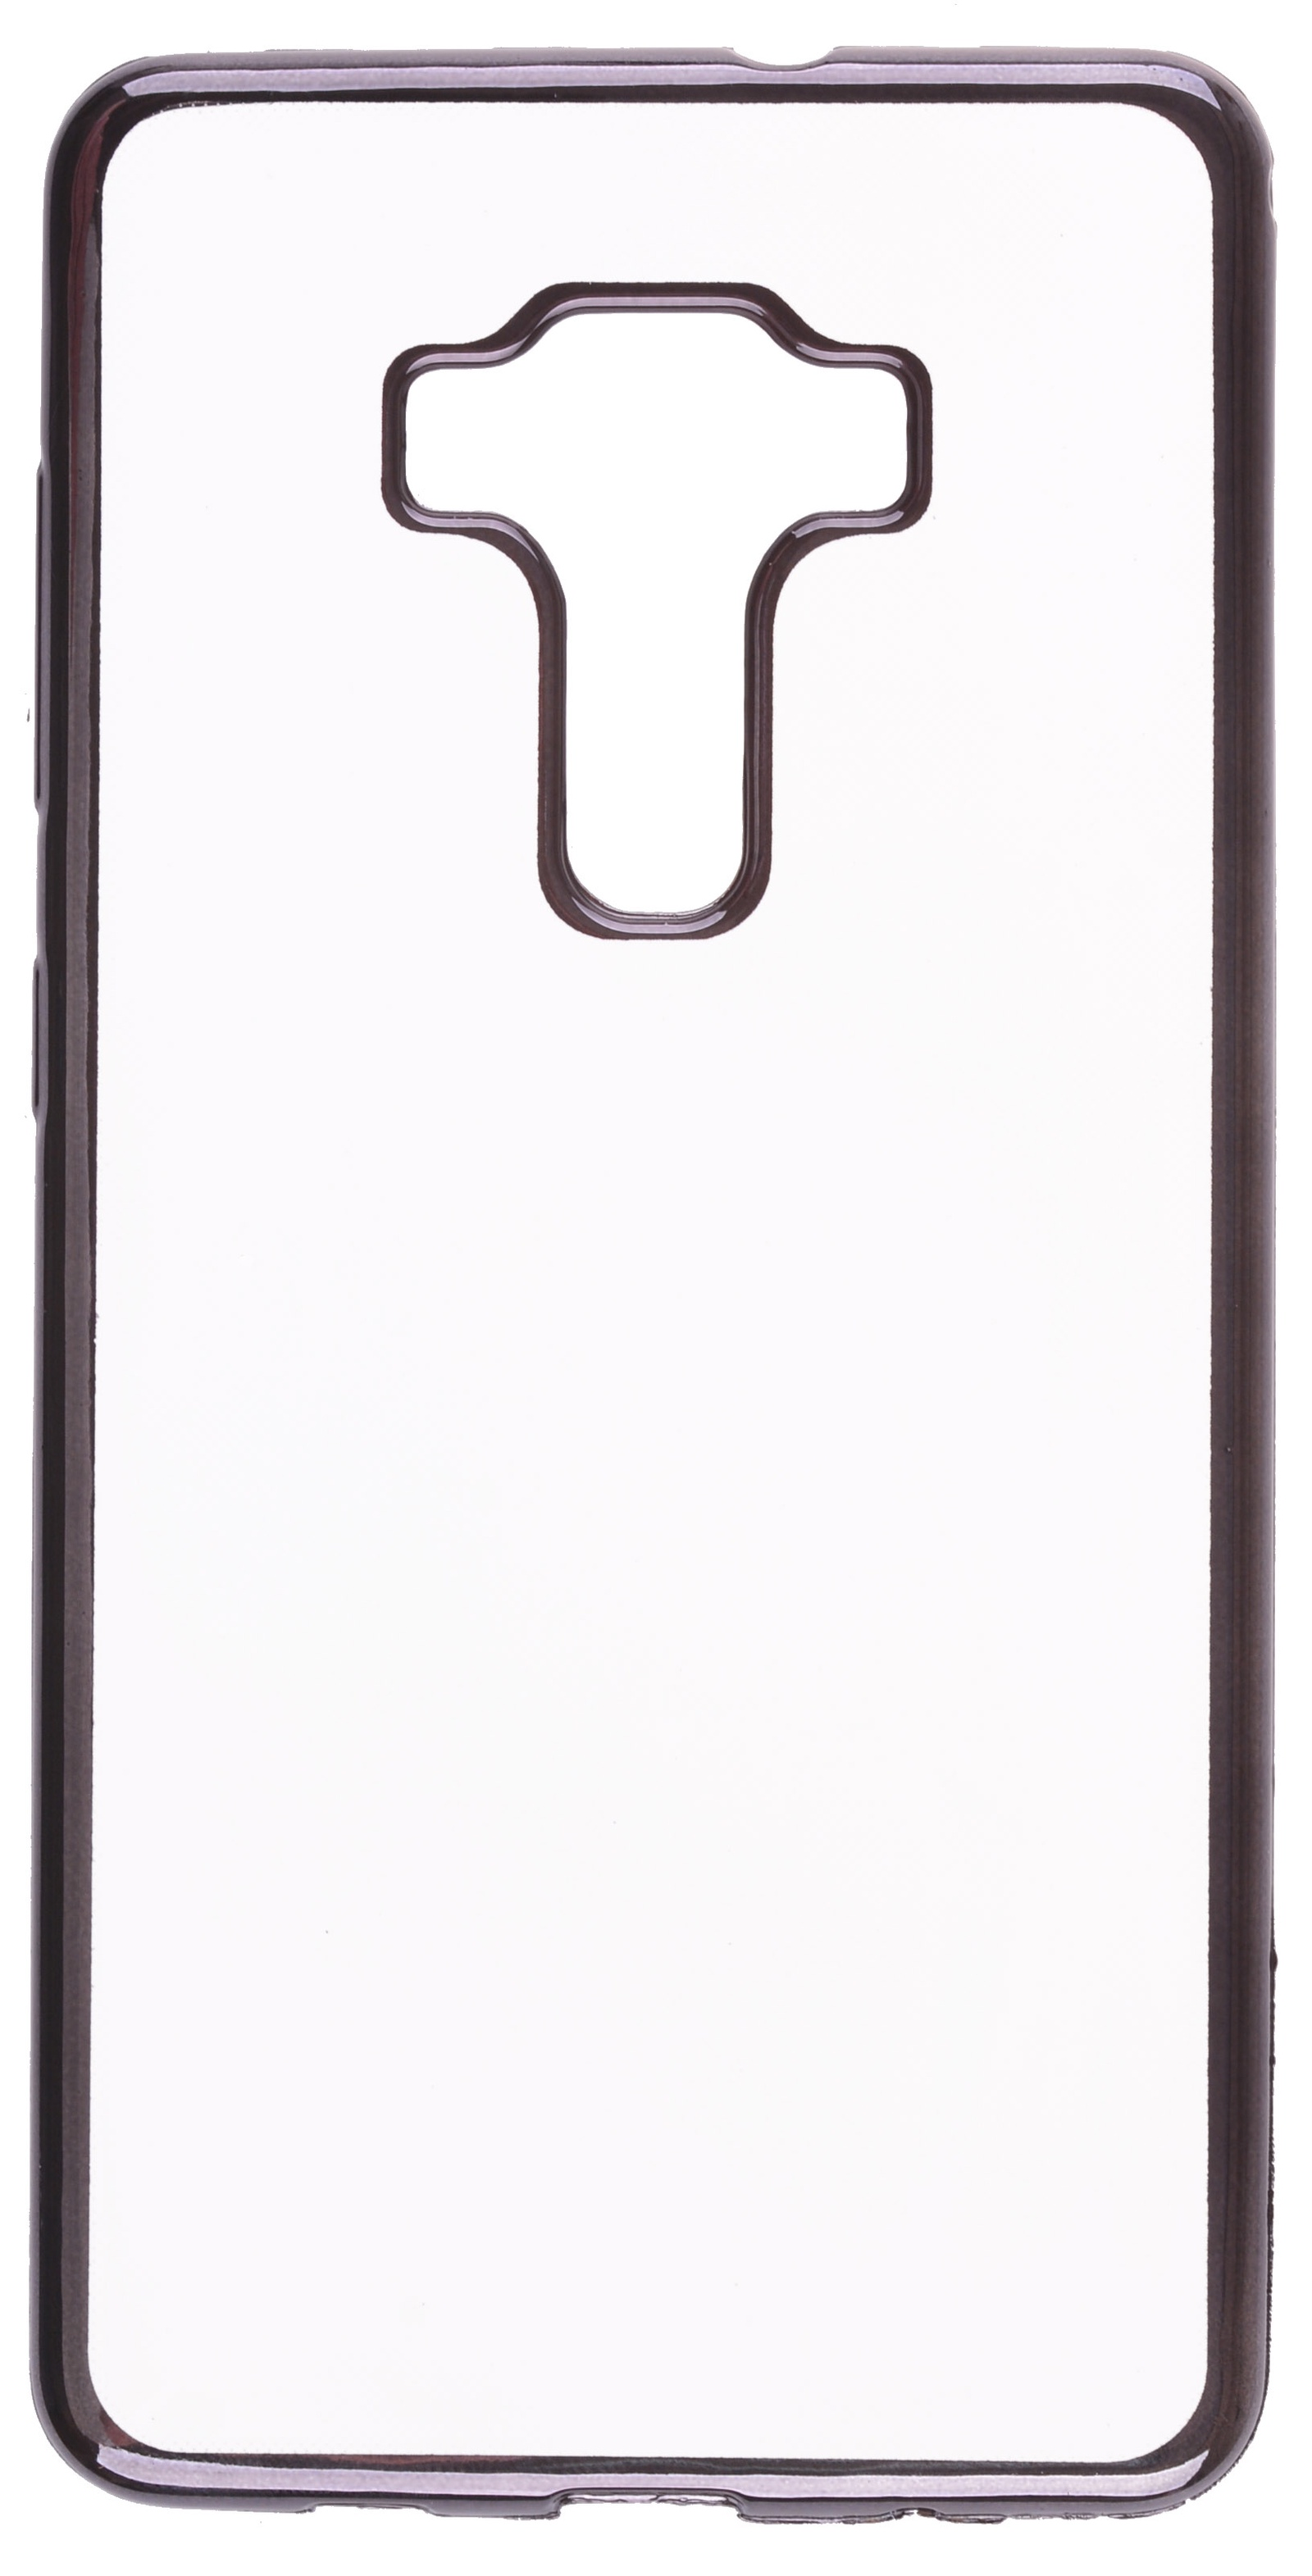 все цены на Чехол для сотового телефона skinBOX Silicone chrome border, 4630042528727 онлайн